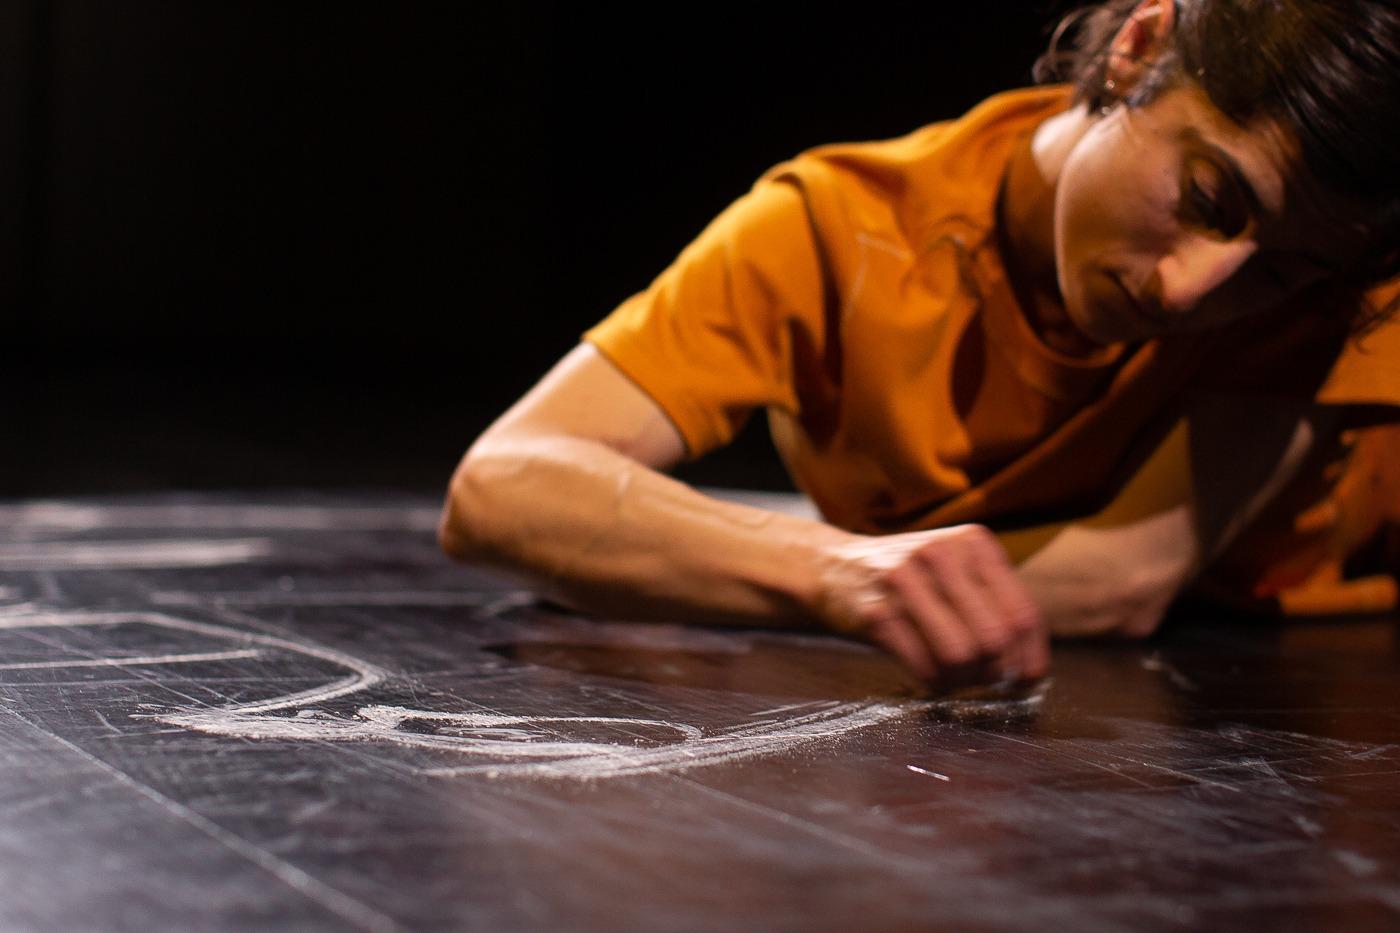 fotografia de cena do espetáculo sublinhar que retrata a bailarina Marta Cerqueira a desenhar no com giz branco no chão